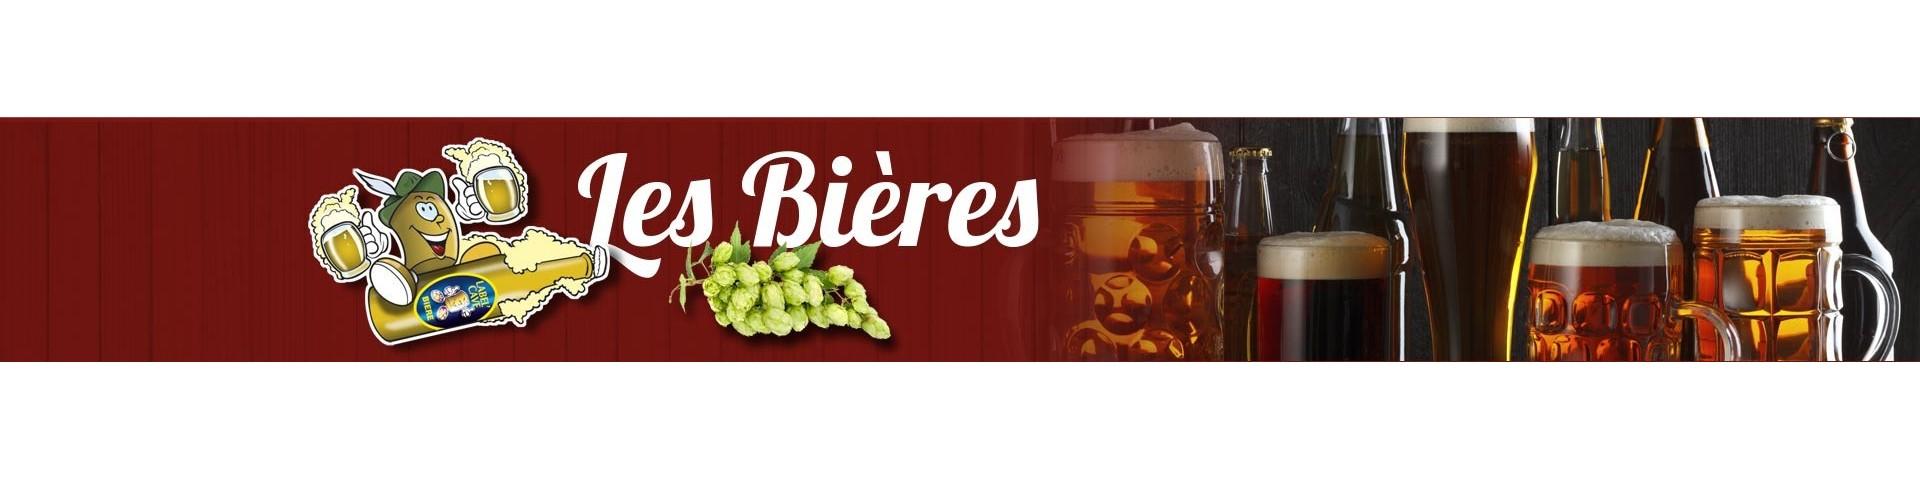 vente de bières en ligne - Label'Cave retirez votre commande sous 2 heures